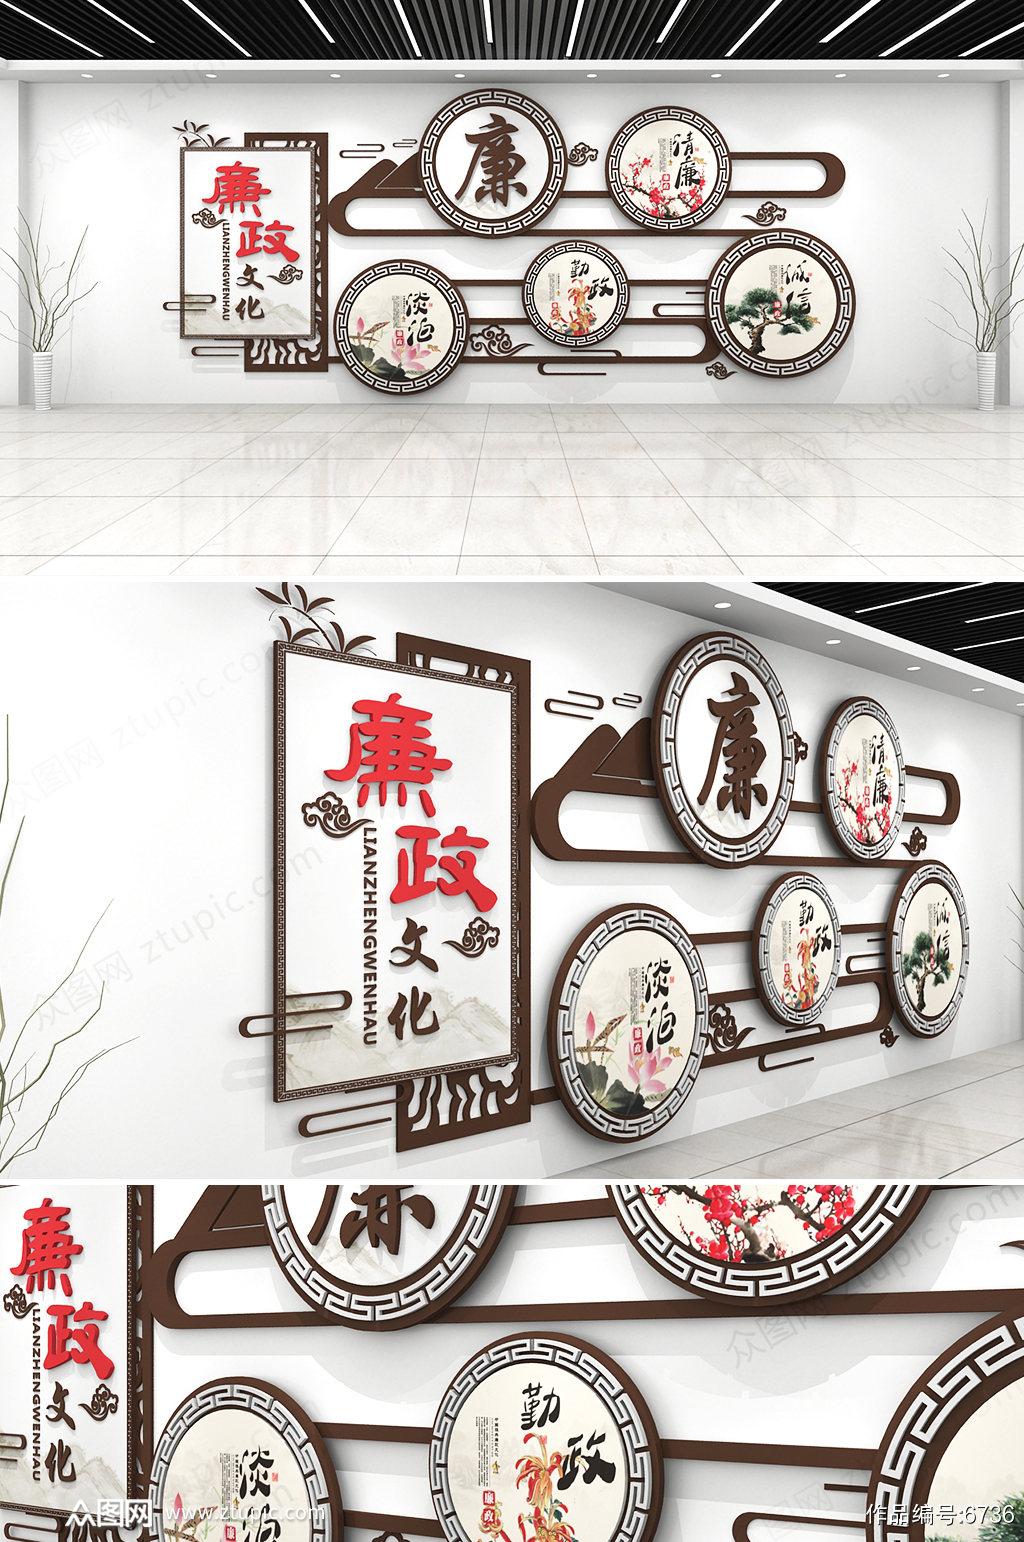 十九大党风廉政建设文化墙图片古典中国风素材